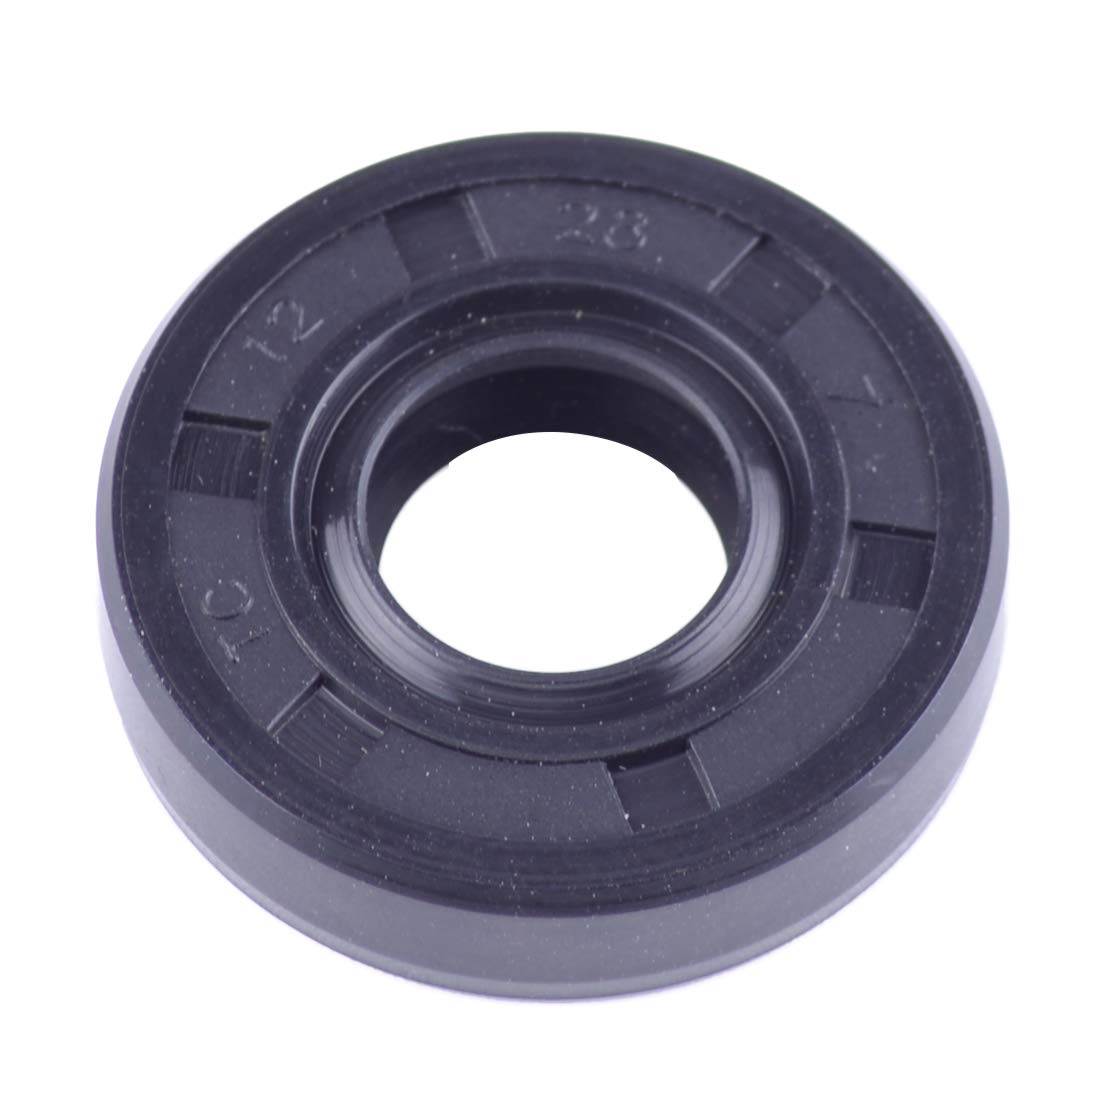 CITALL Arbre rotatif m/étrique flexible 12 x 28 x 7 mm Joint dhuile /à double l/èvre TC Rondelle torique